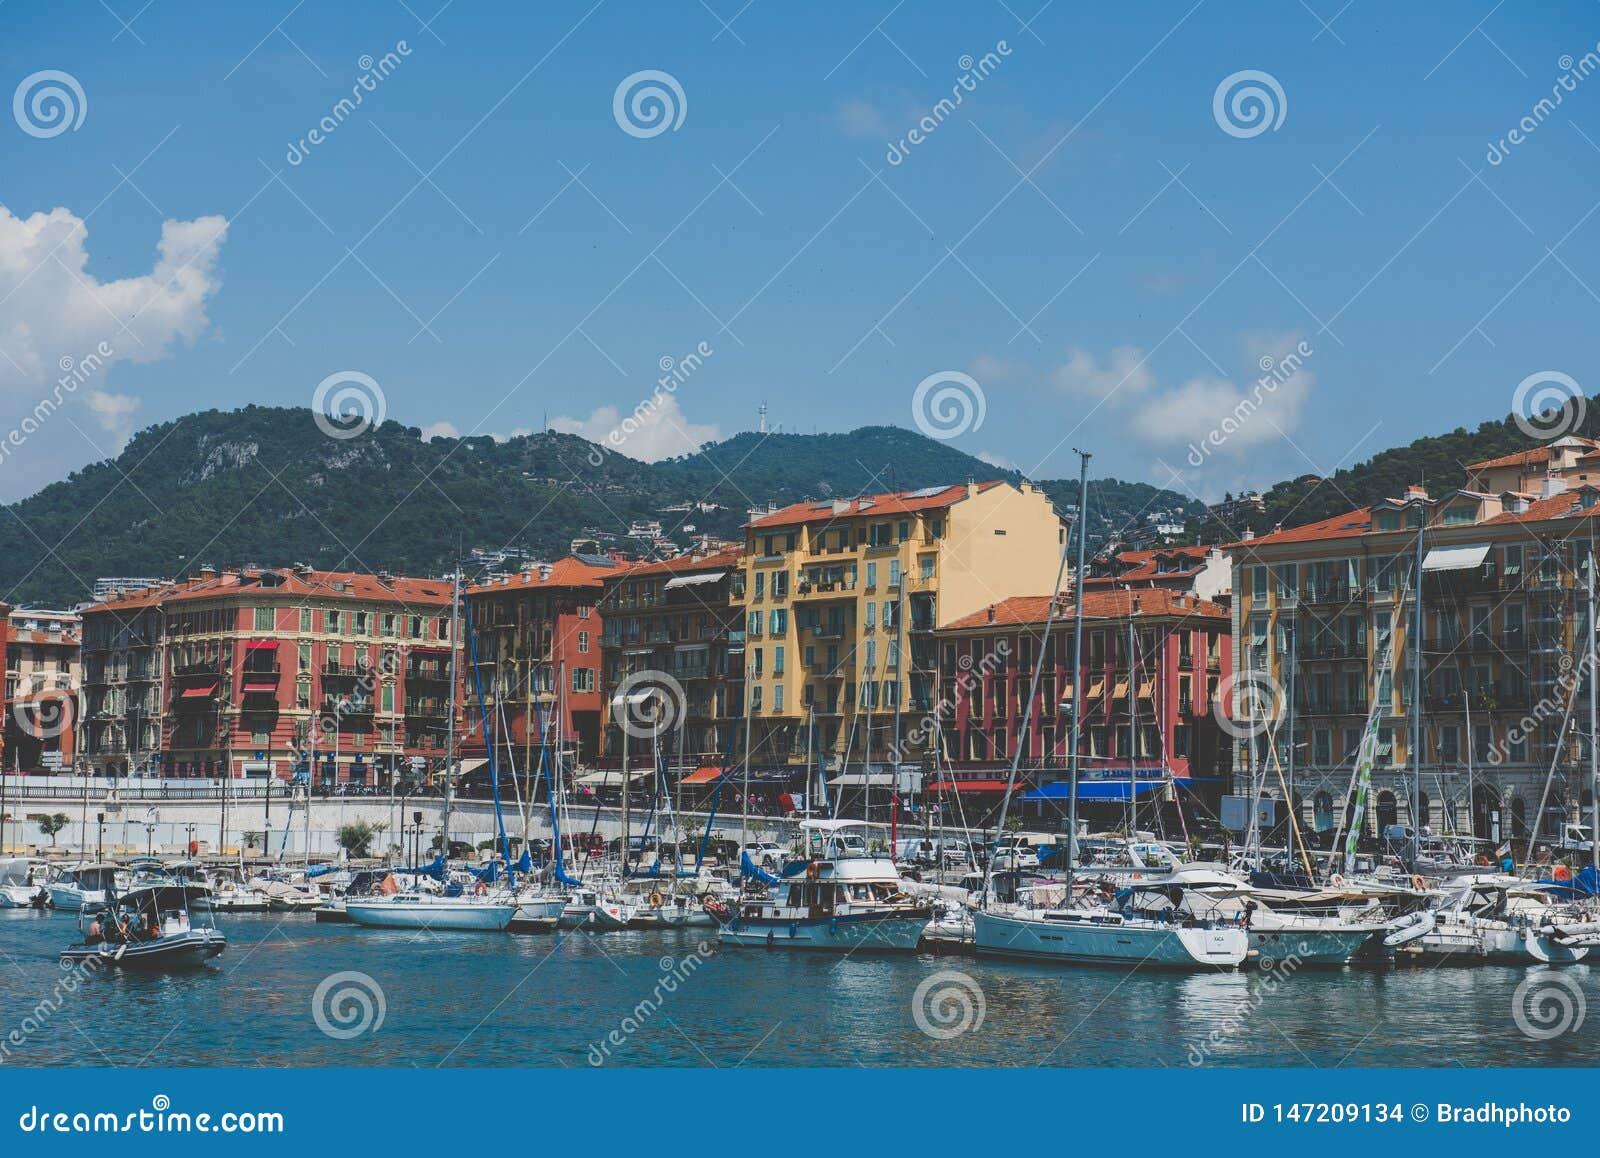 Ζωηρόχρωμες λιμενικές απόψεις - Νίκαια, Γαλλία